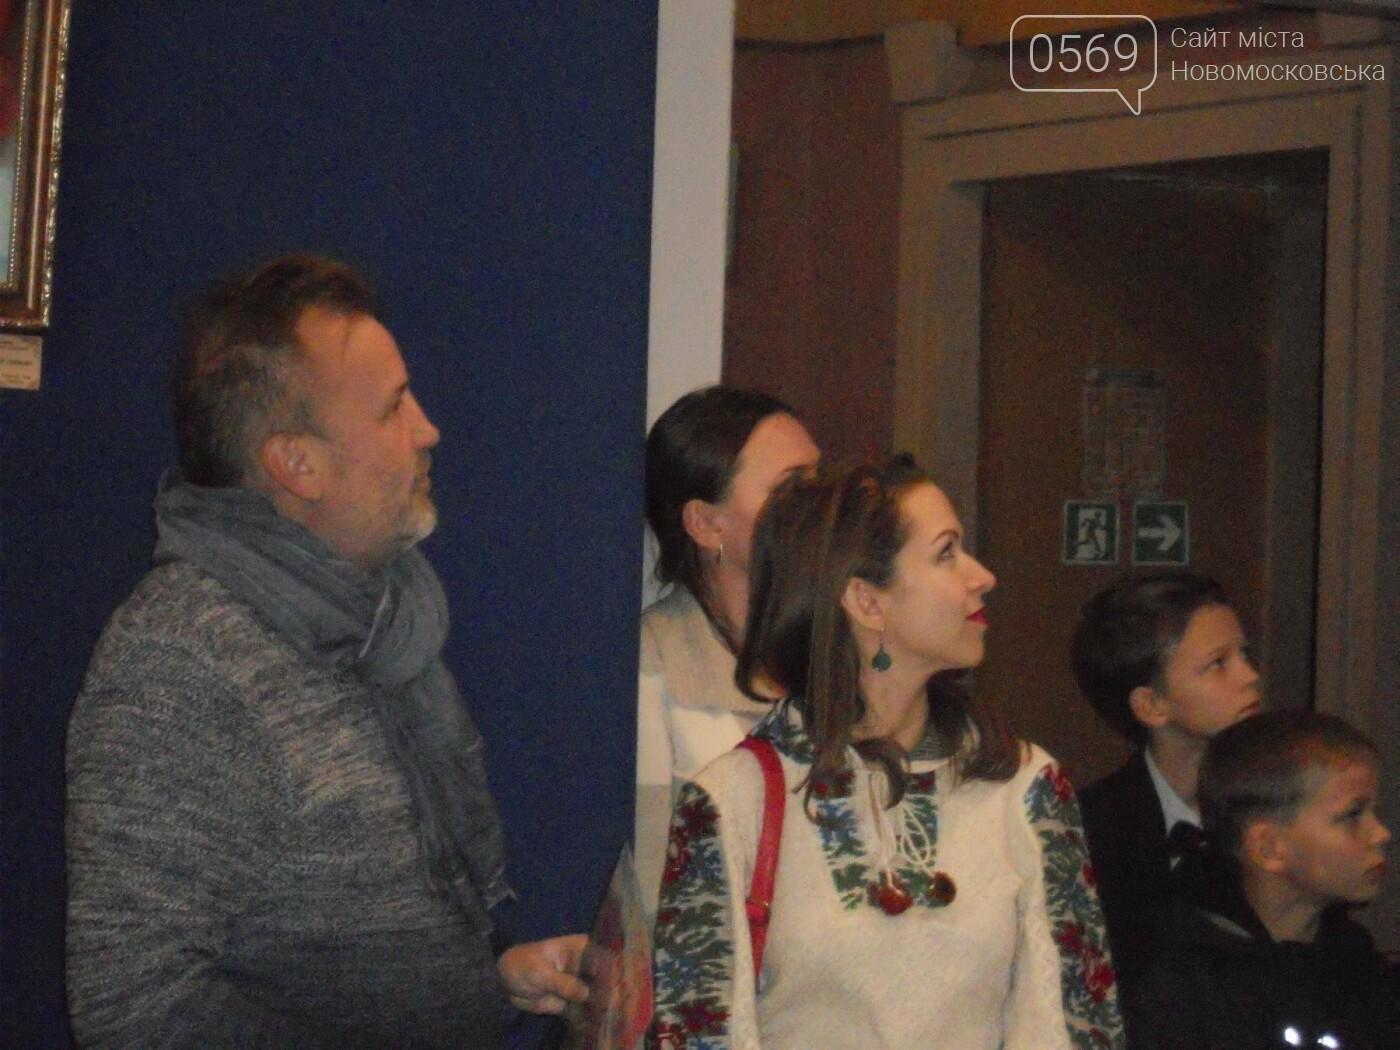 В Новомосковске открылась выставка молодых художников, фото-12